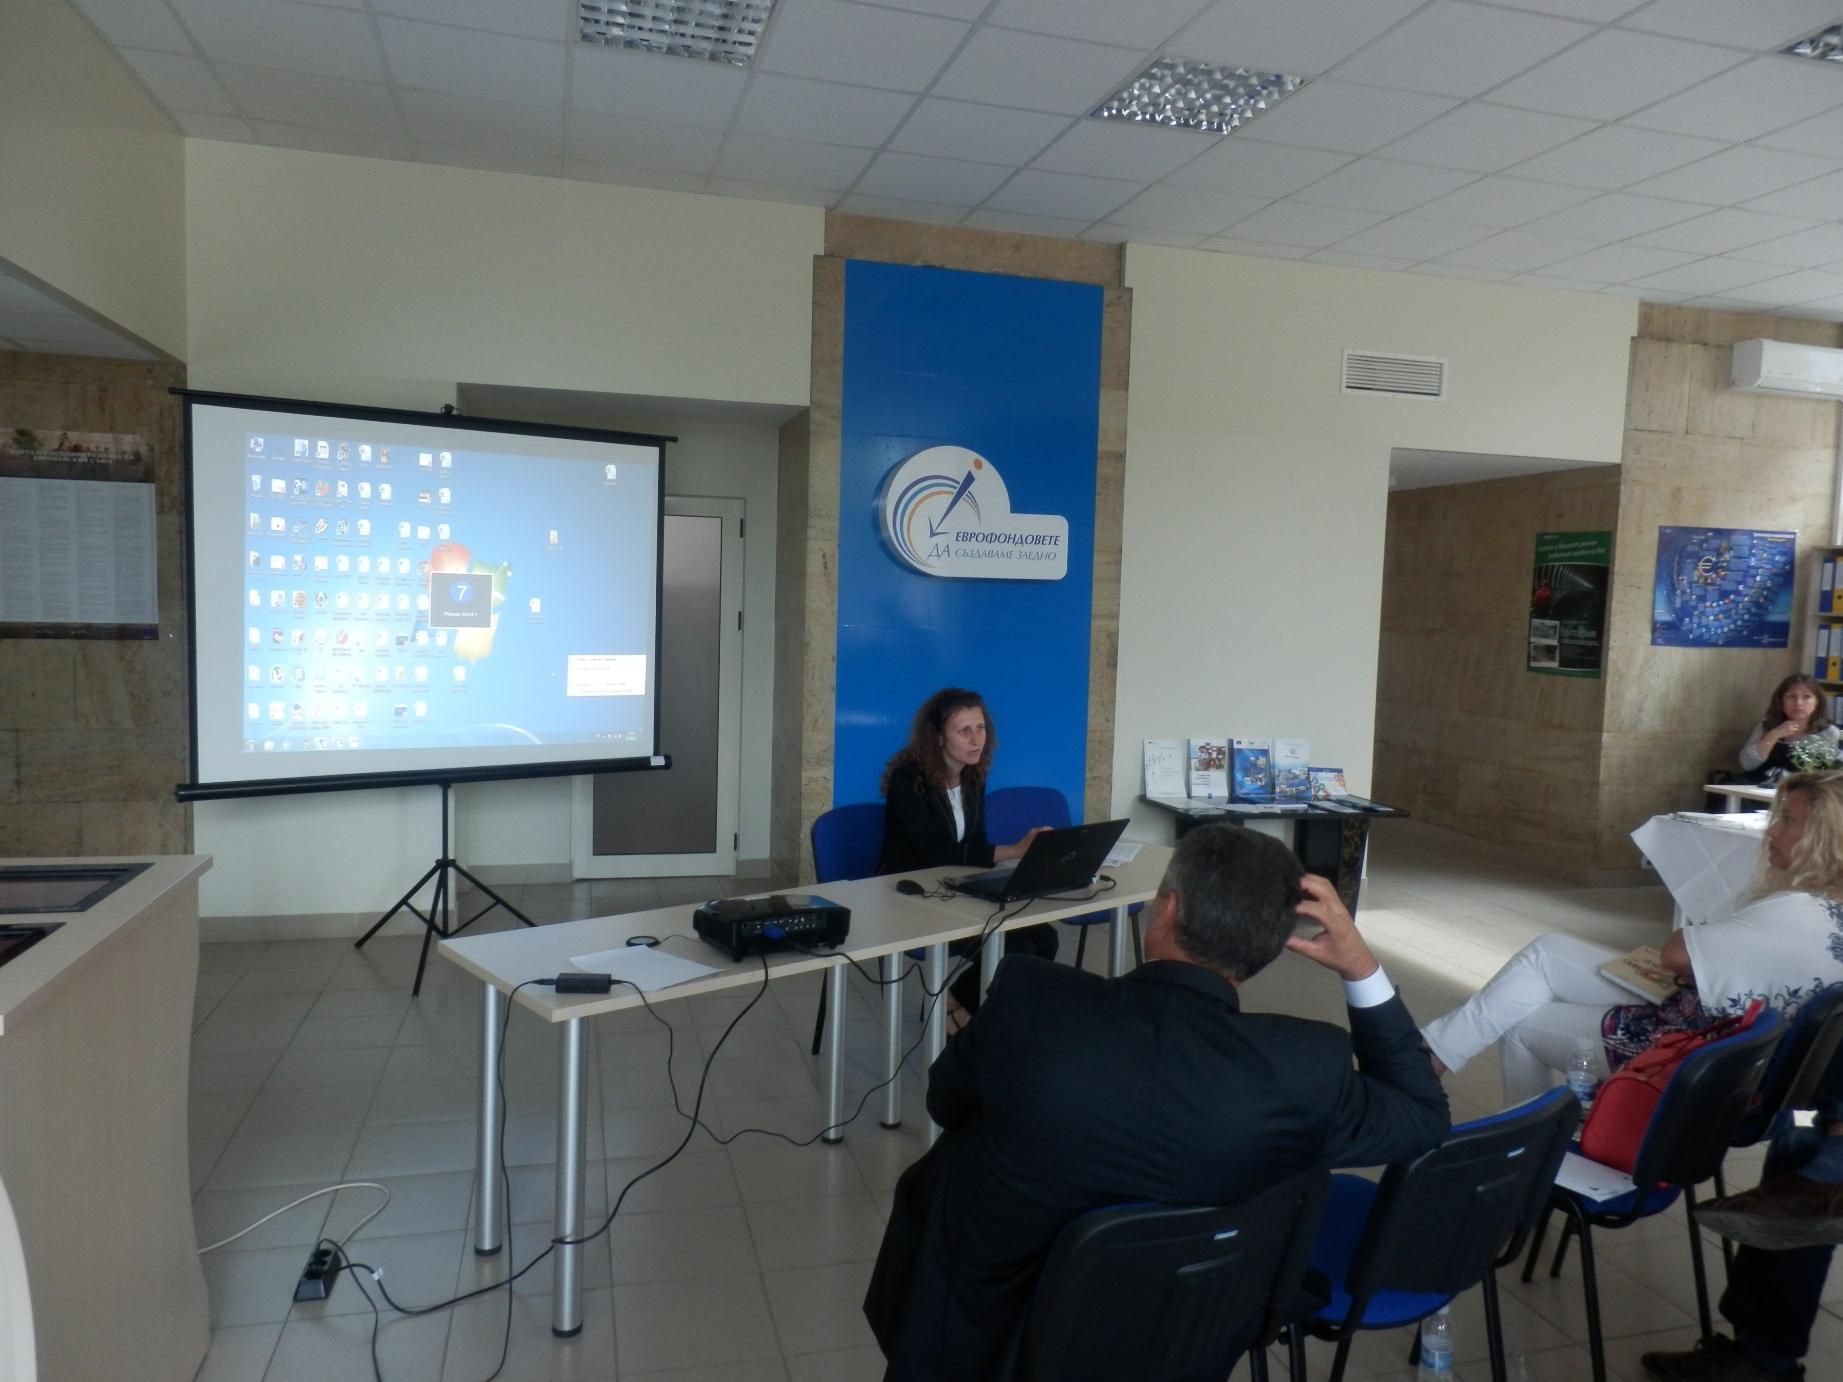 Г-жа Кръстева, началник на отдел в ТСБ - Шумен, информира представители на бизнеса за процедурите по заверка на  ГОД и  другите  услуги, предлагани от ТСБ.